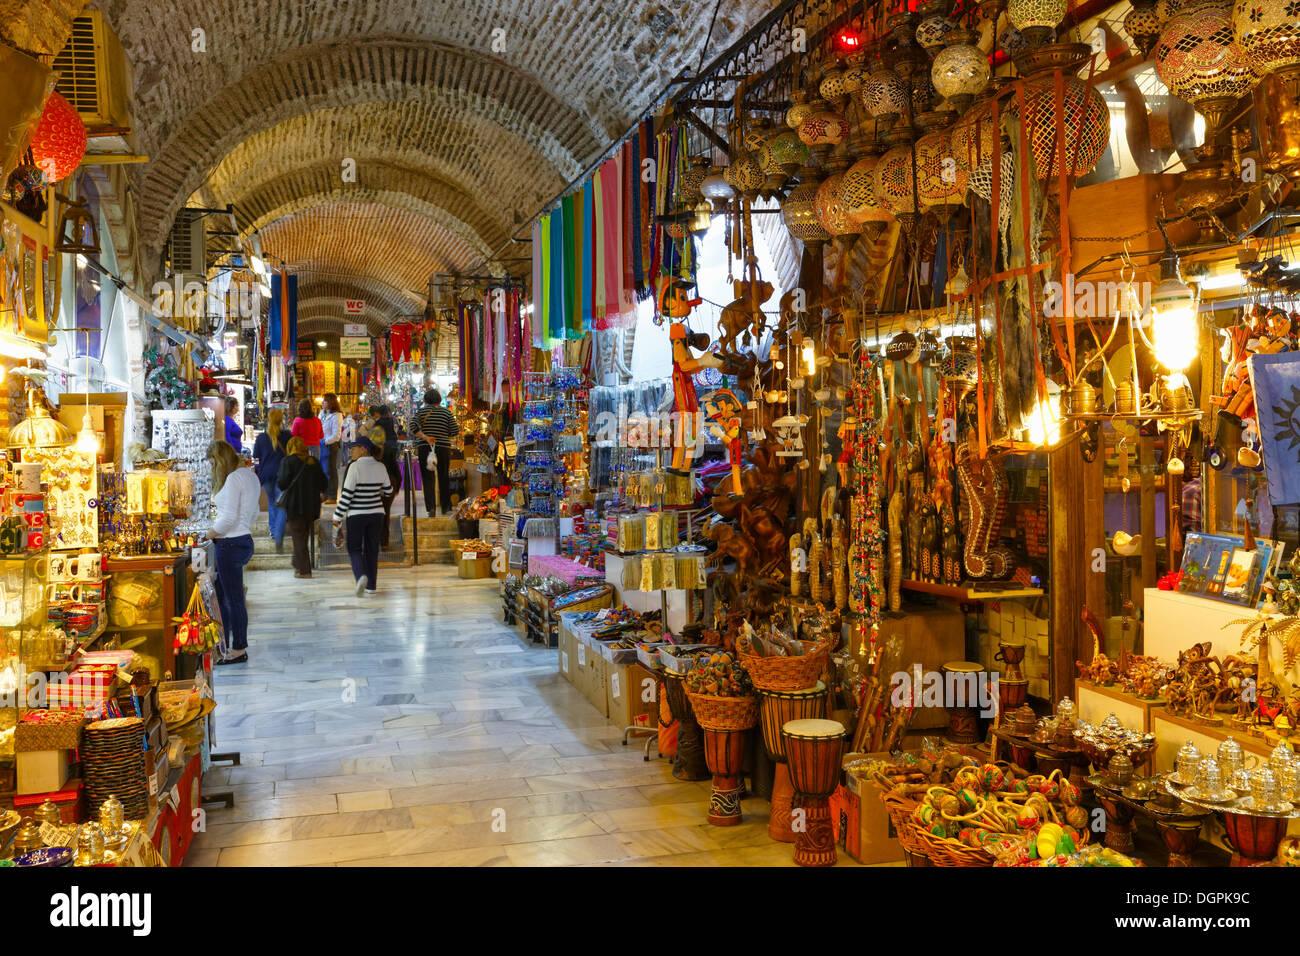 Kizlaragasi Caravanserai, Bazaar, Kemeralti, Izmir, İzmir ...